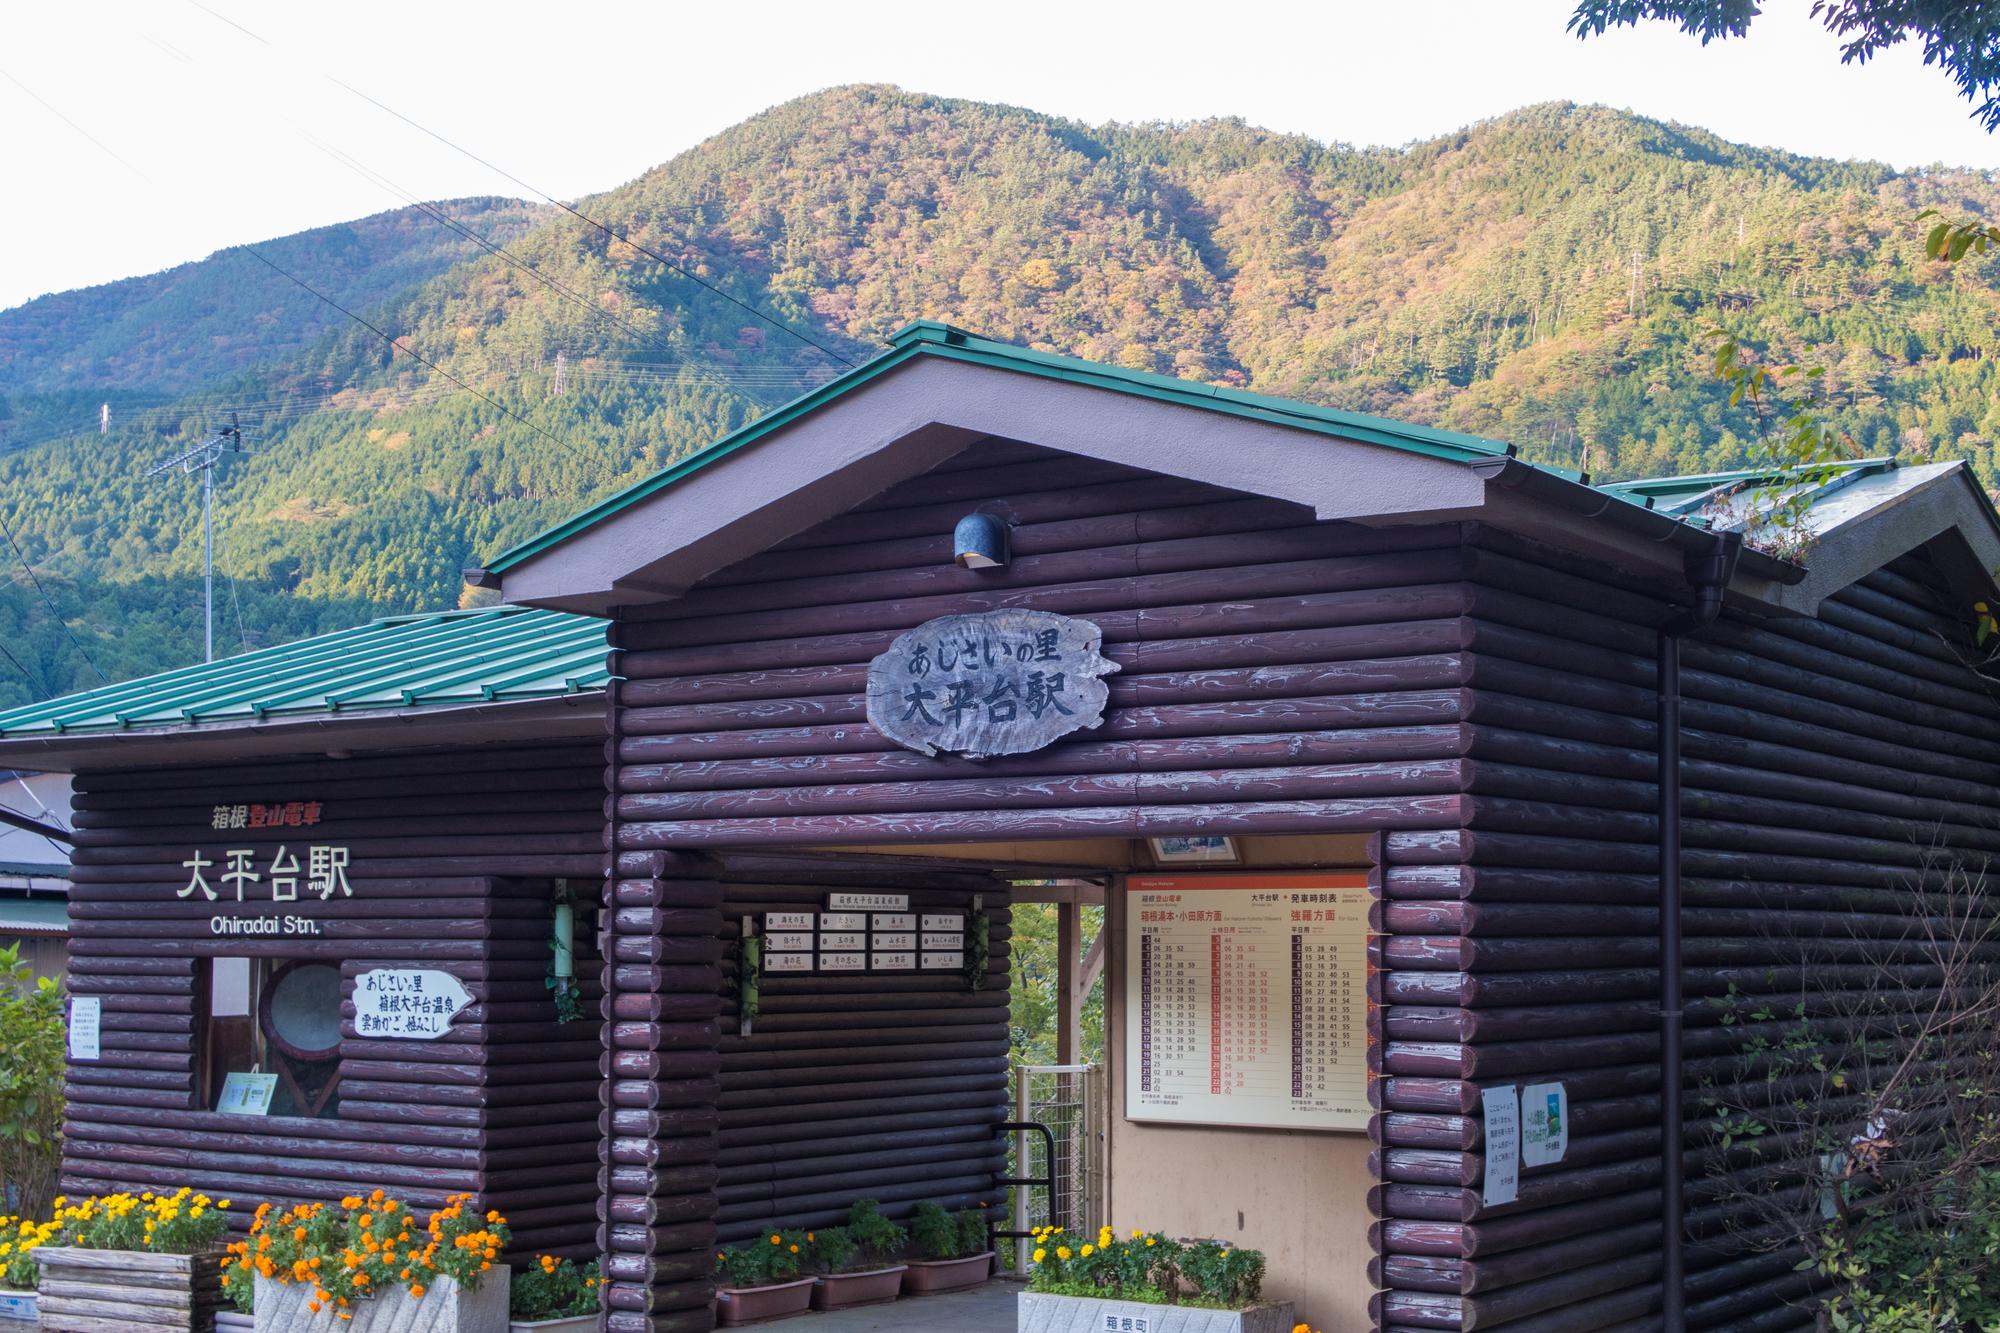 【箱根大平台温泉】歴史あるまちで四季を感じながら入る温泉